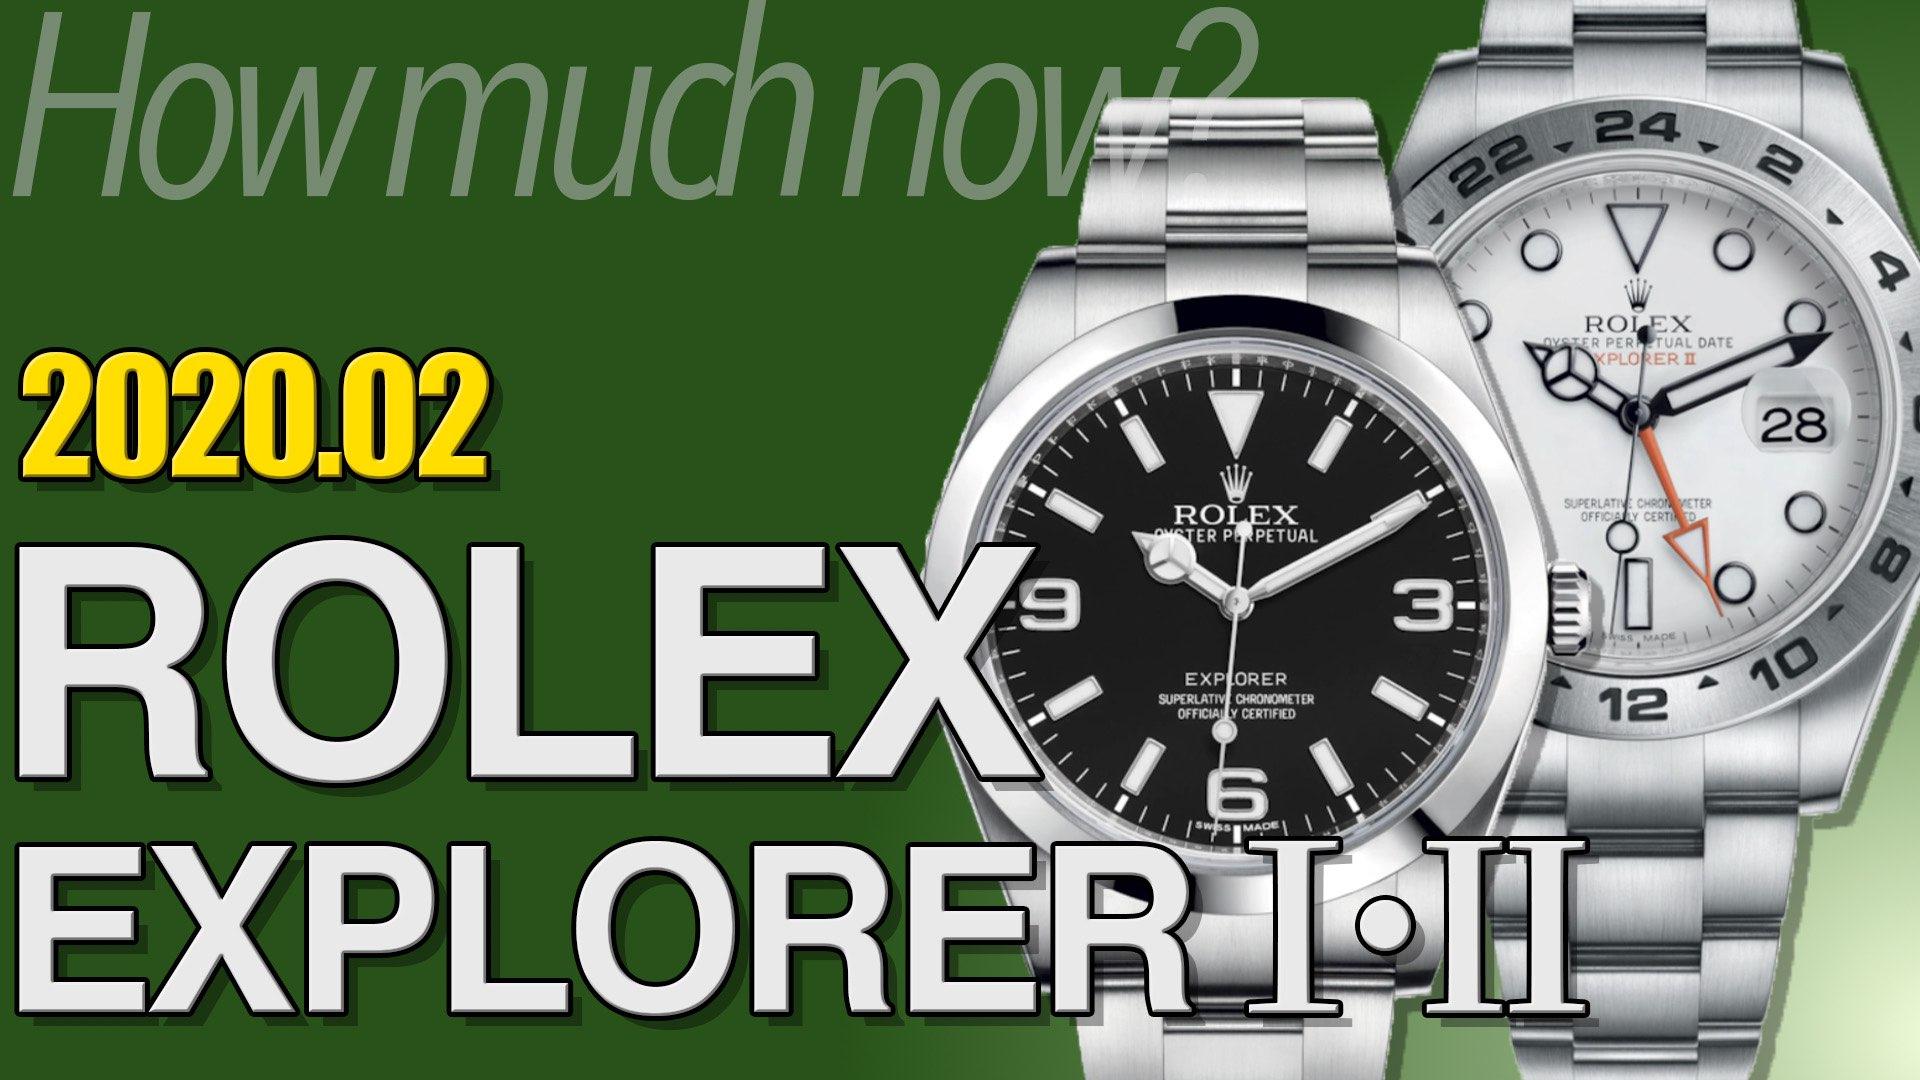 ロレックス エクスプローラーⅠおよびⅡ 買取相場 2020年2月版 |ブランド時計の価格情報